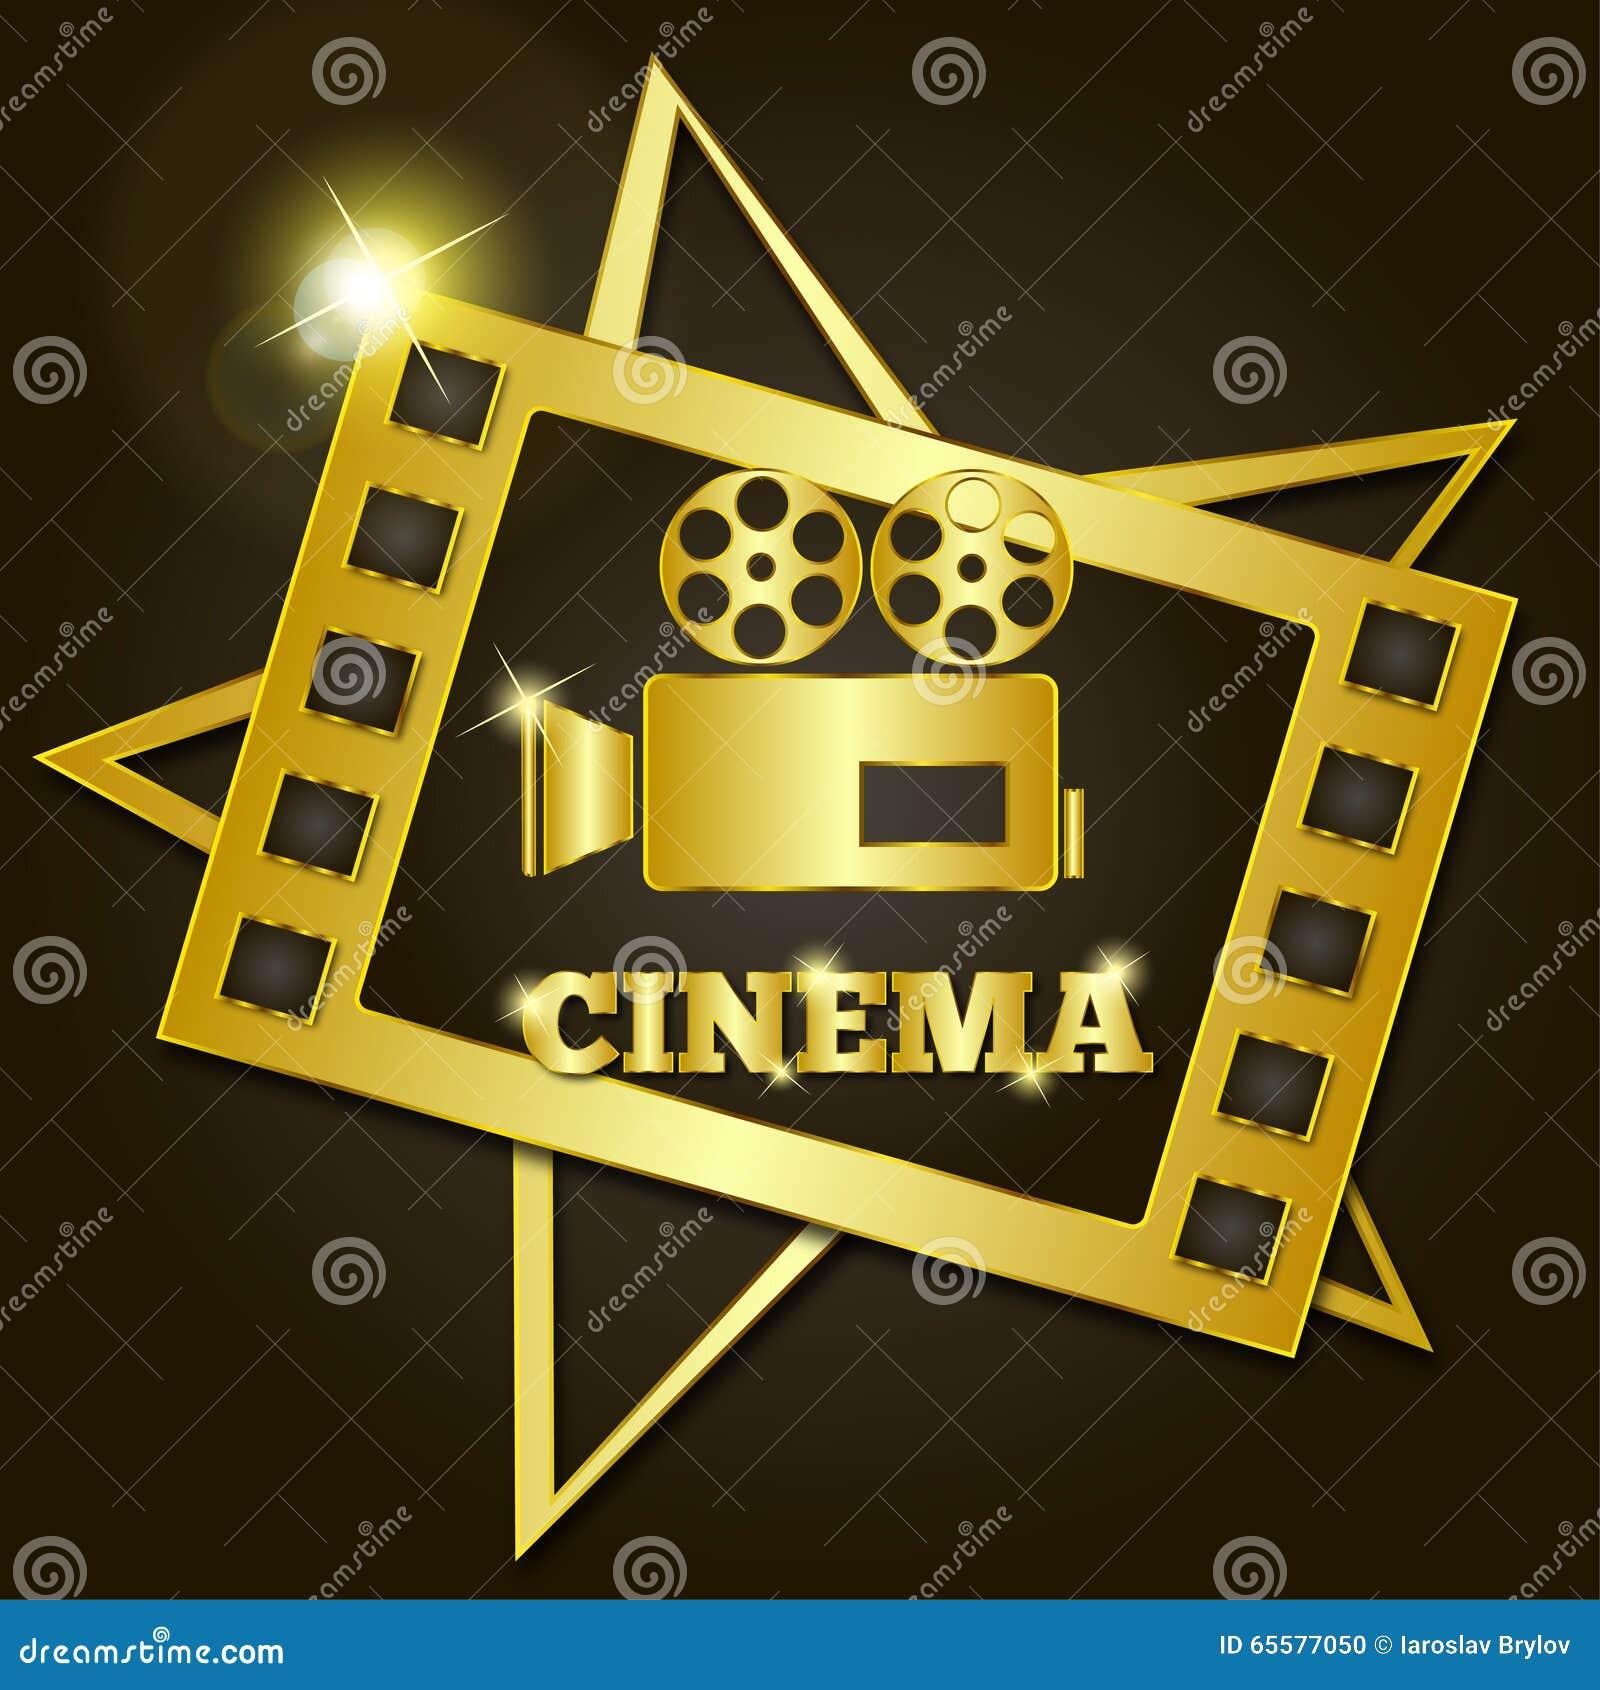 Cinema retro dourado